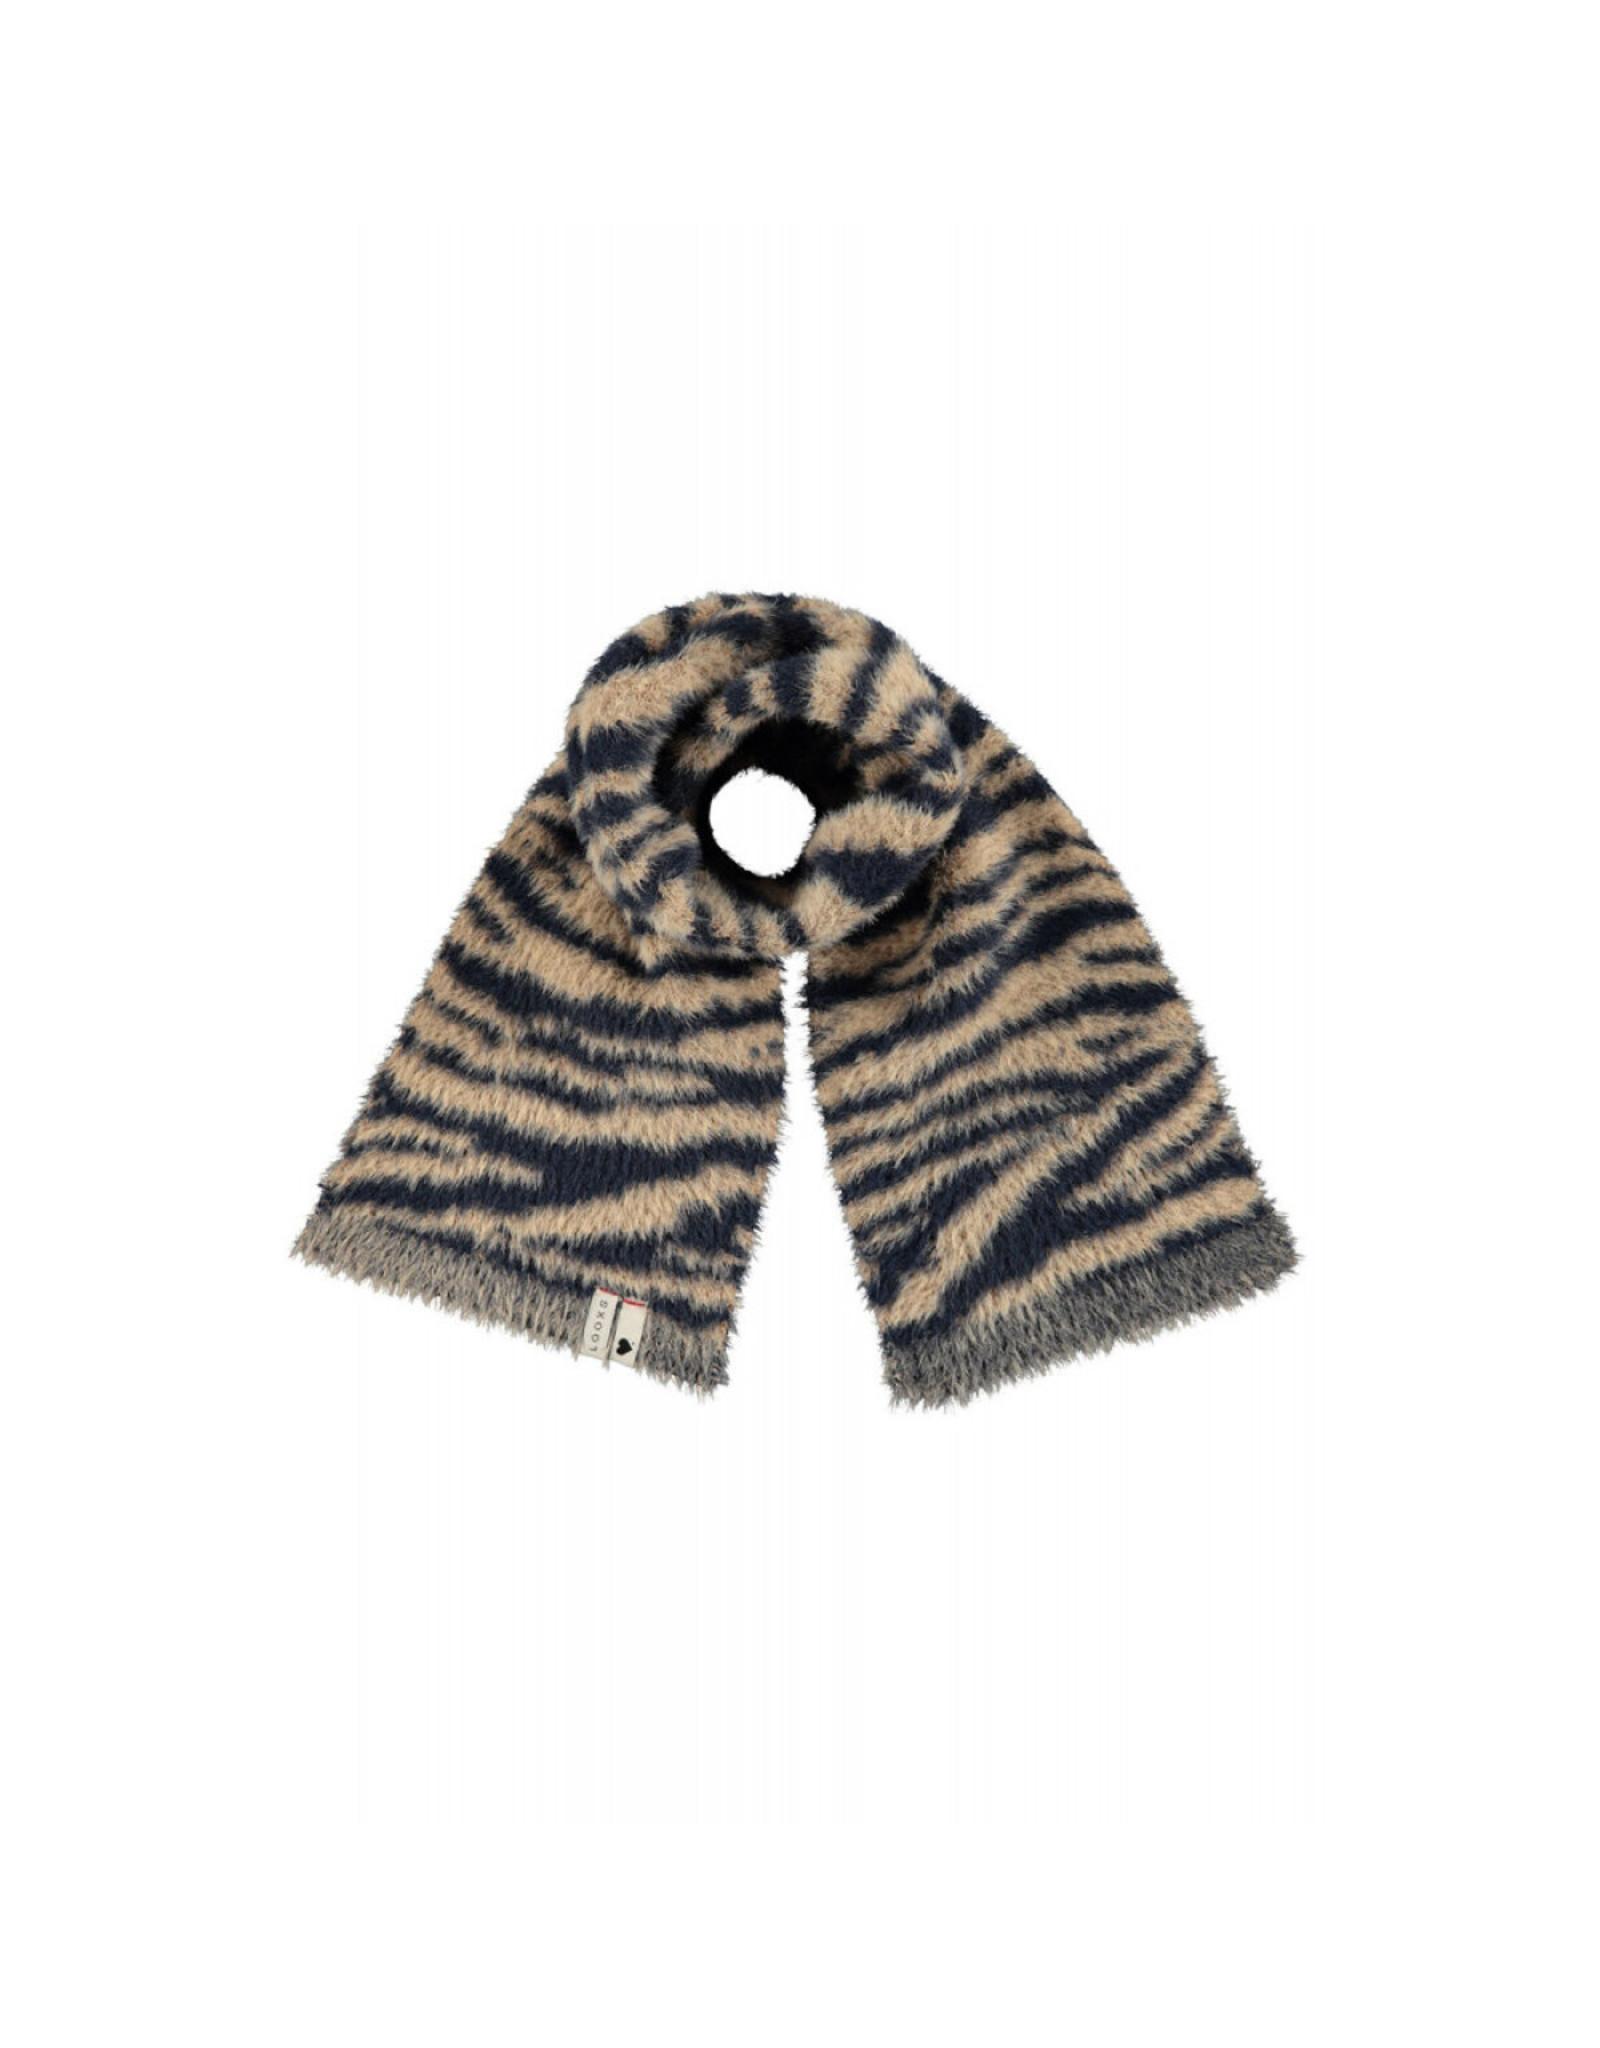 looxs 2131-7912 Scarf Knit Zebra